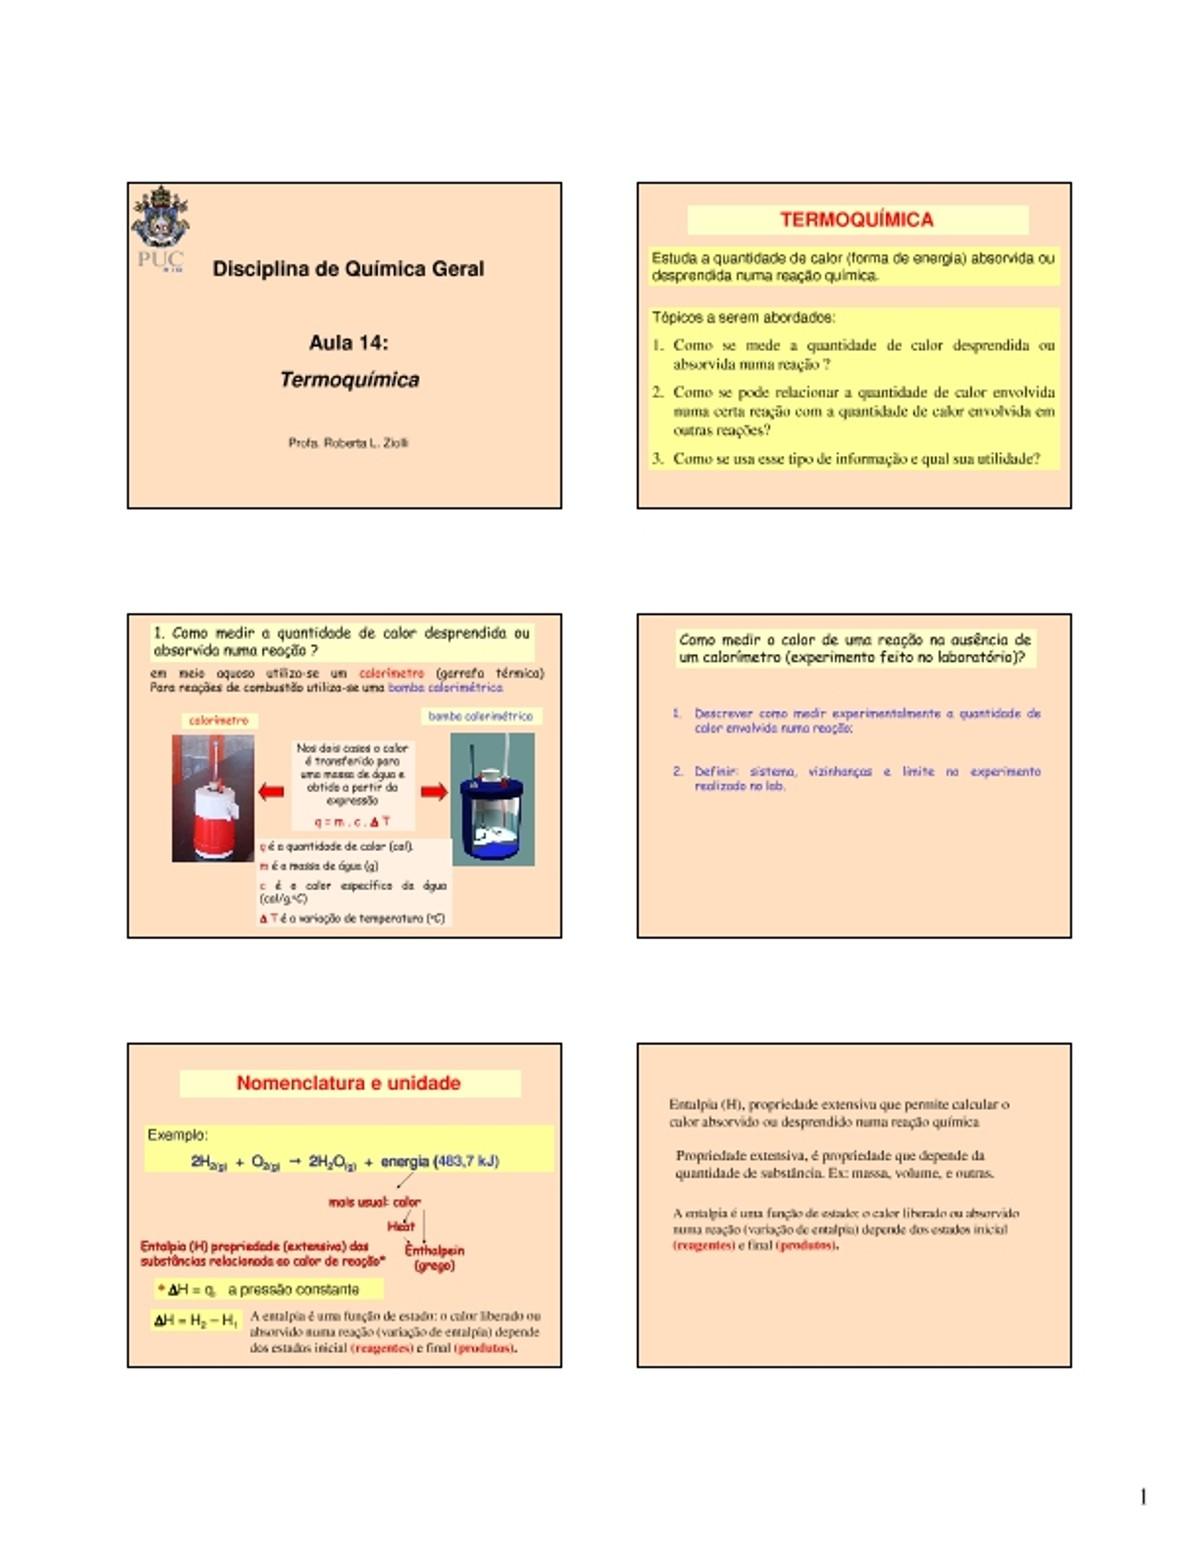 Pre-visualização do material aula_14_-_Termoquimica - página 1